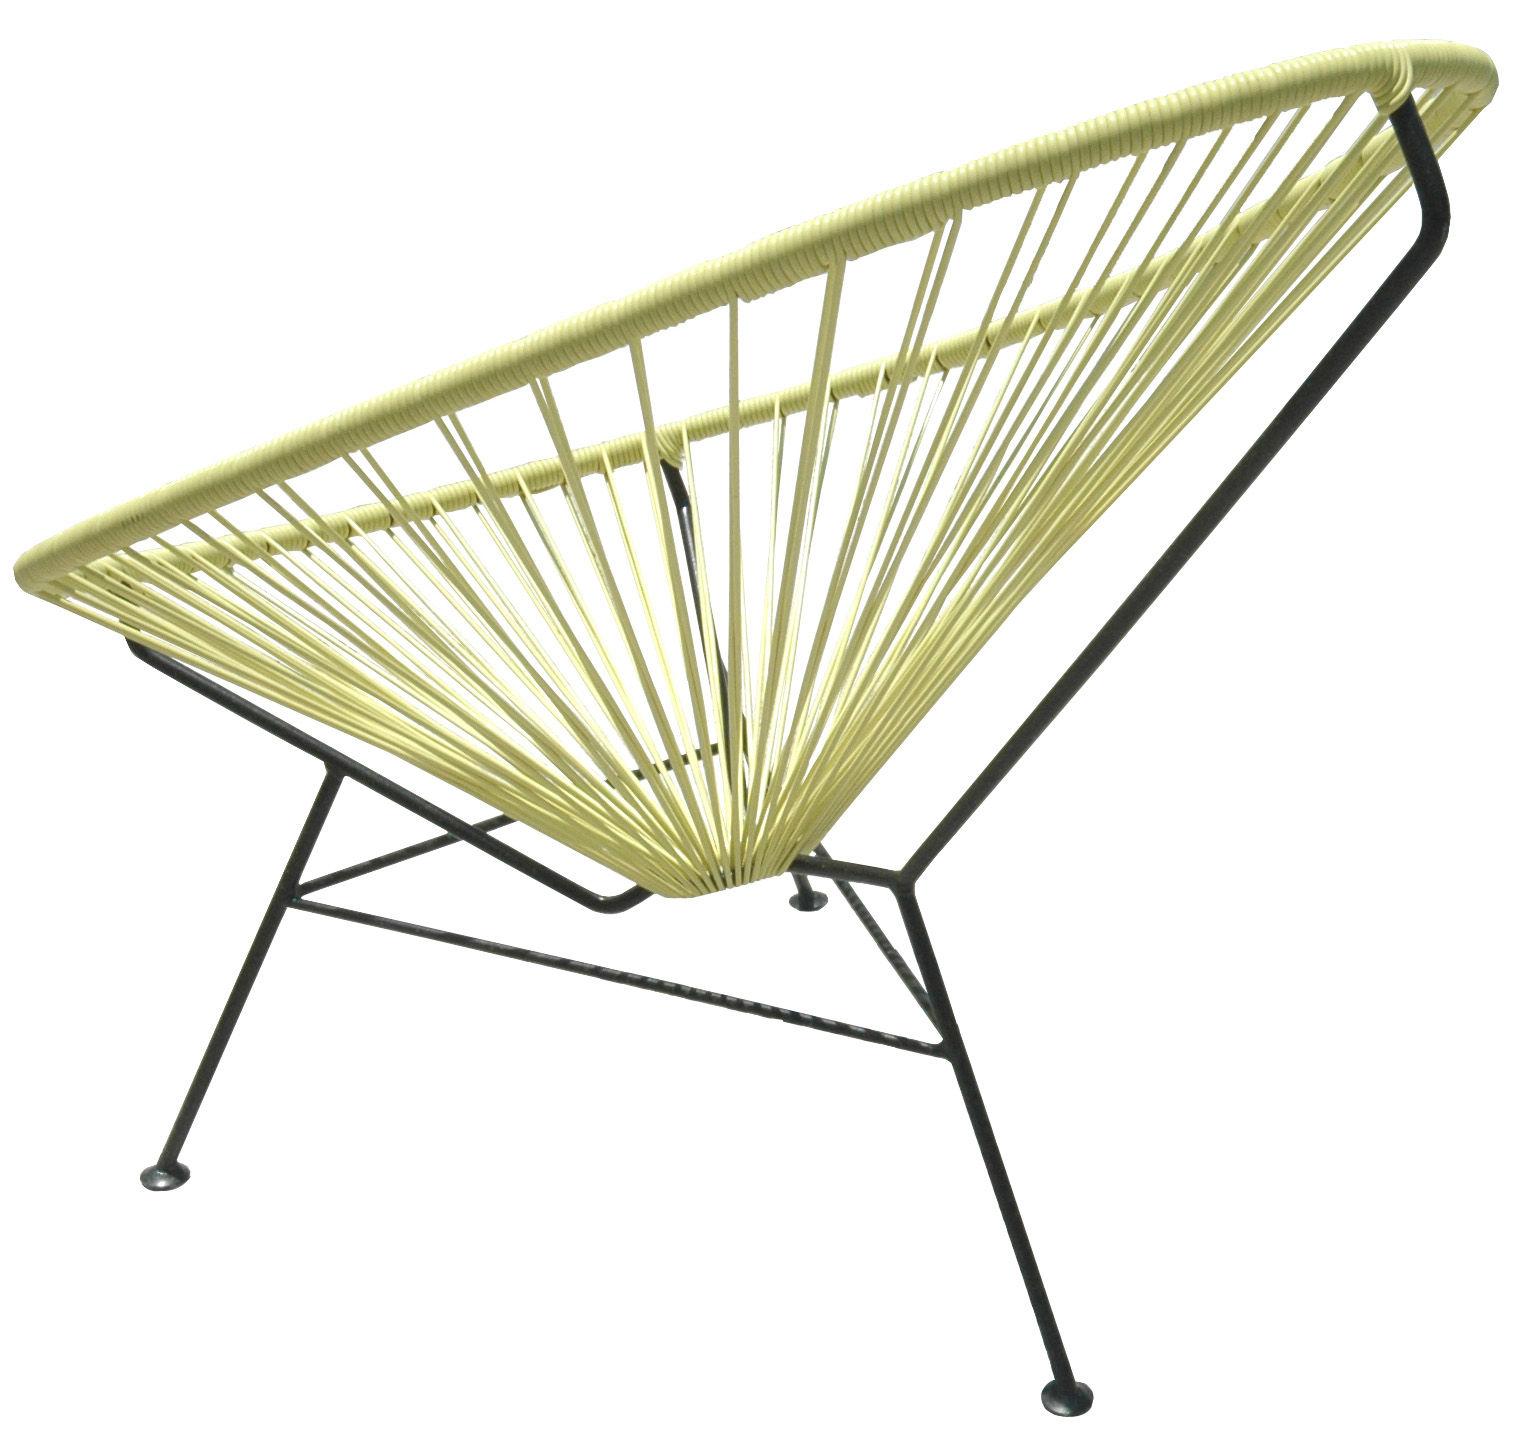 Mobilier - Mobilier Kids - Fauteuil enfant Mini Acapulco - OK Design pour Sentou Edition - Jaune - Acier laqué, Matière plastique